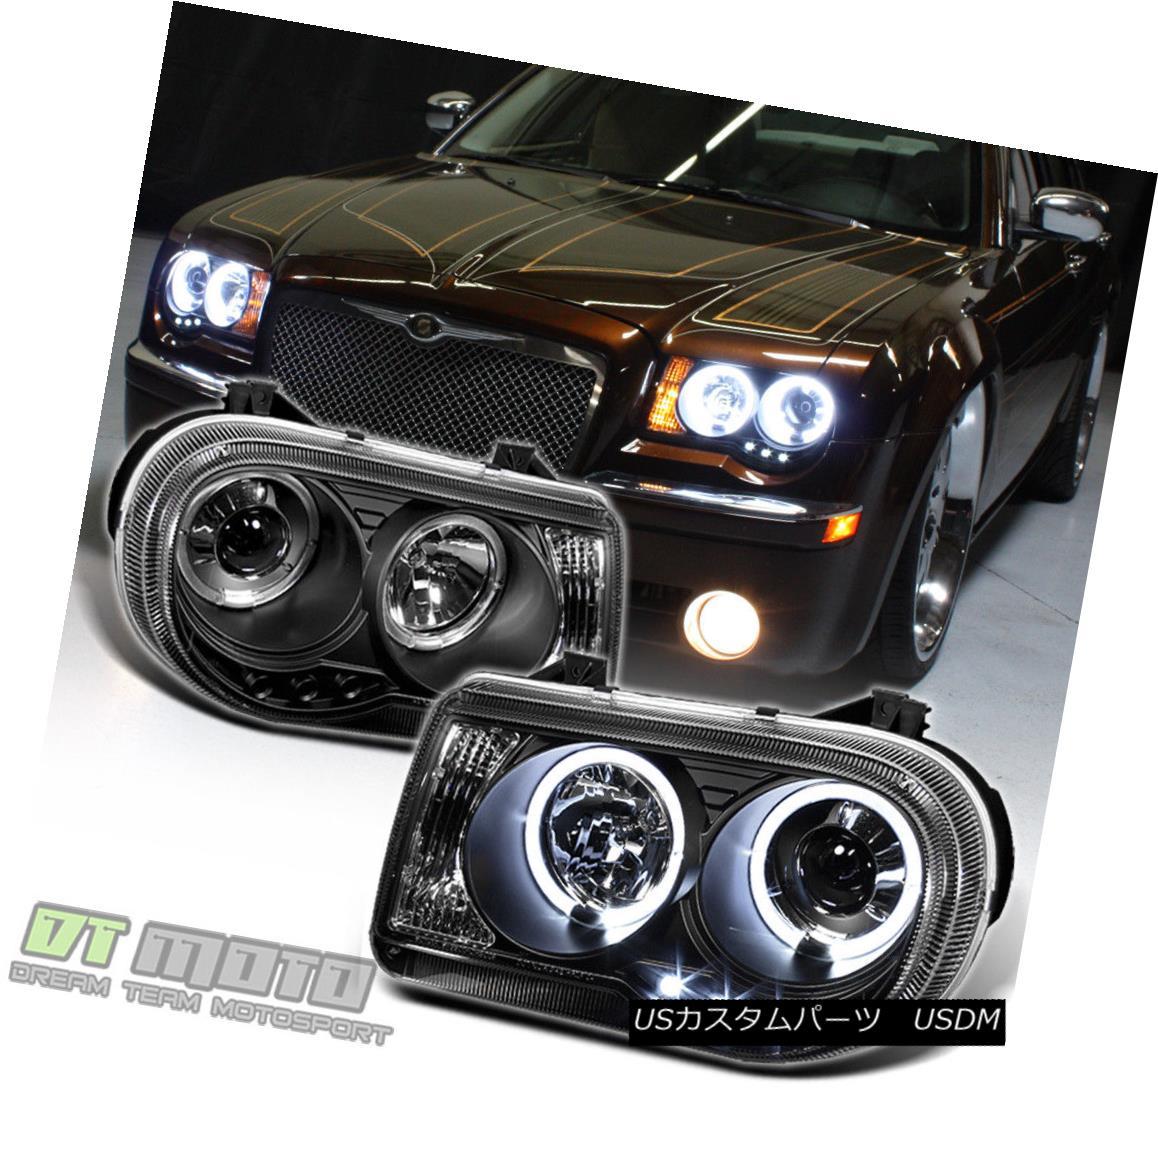 ヘッドライト Black 2005-2010 Chrysler 300C LED DRL Halo Projector Headlights 05-10 Left+Right ブラック2005-2010クライスラー300C LED DRLハロープロジェクターヘッドライト05-10左+右